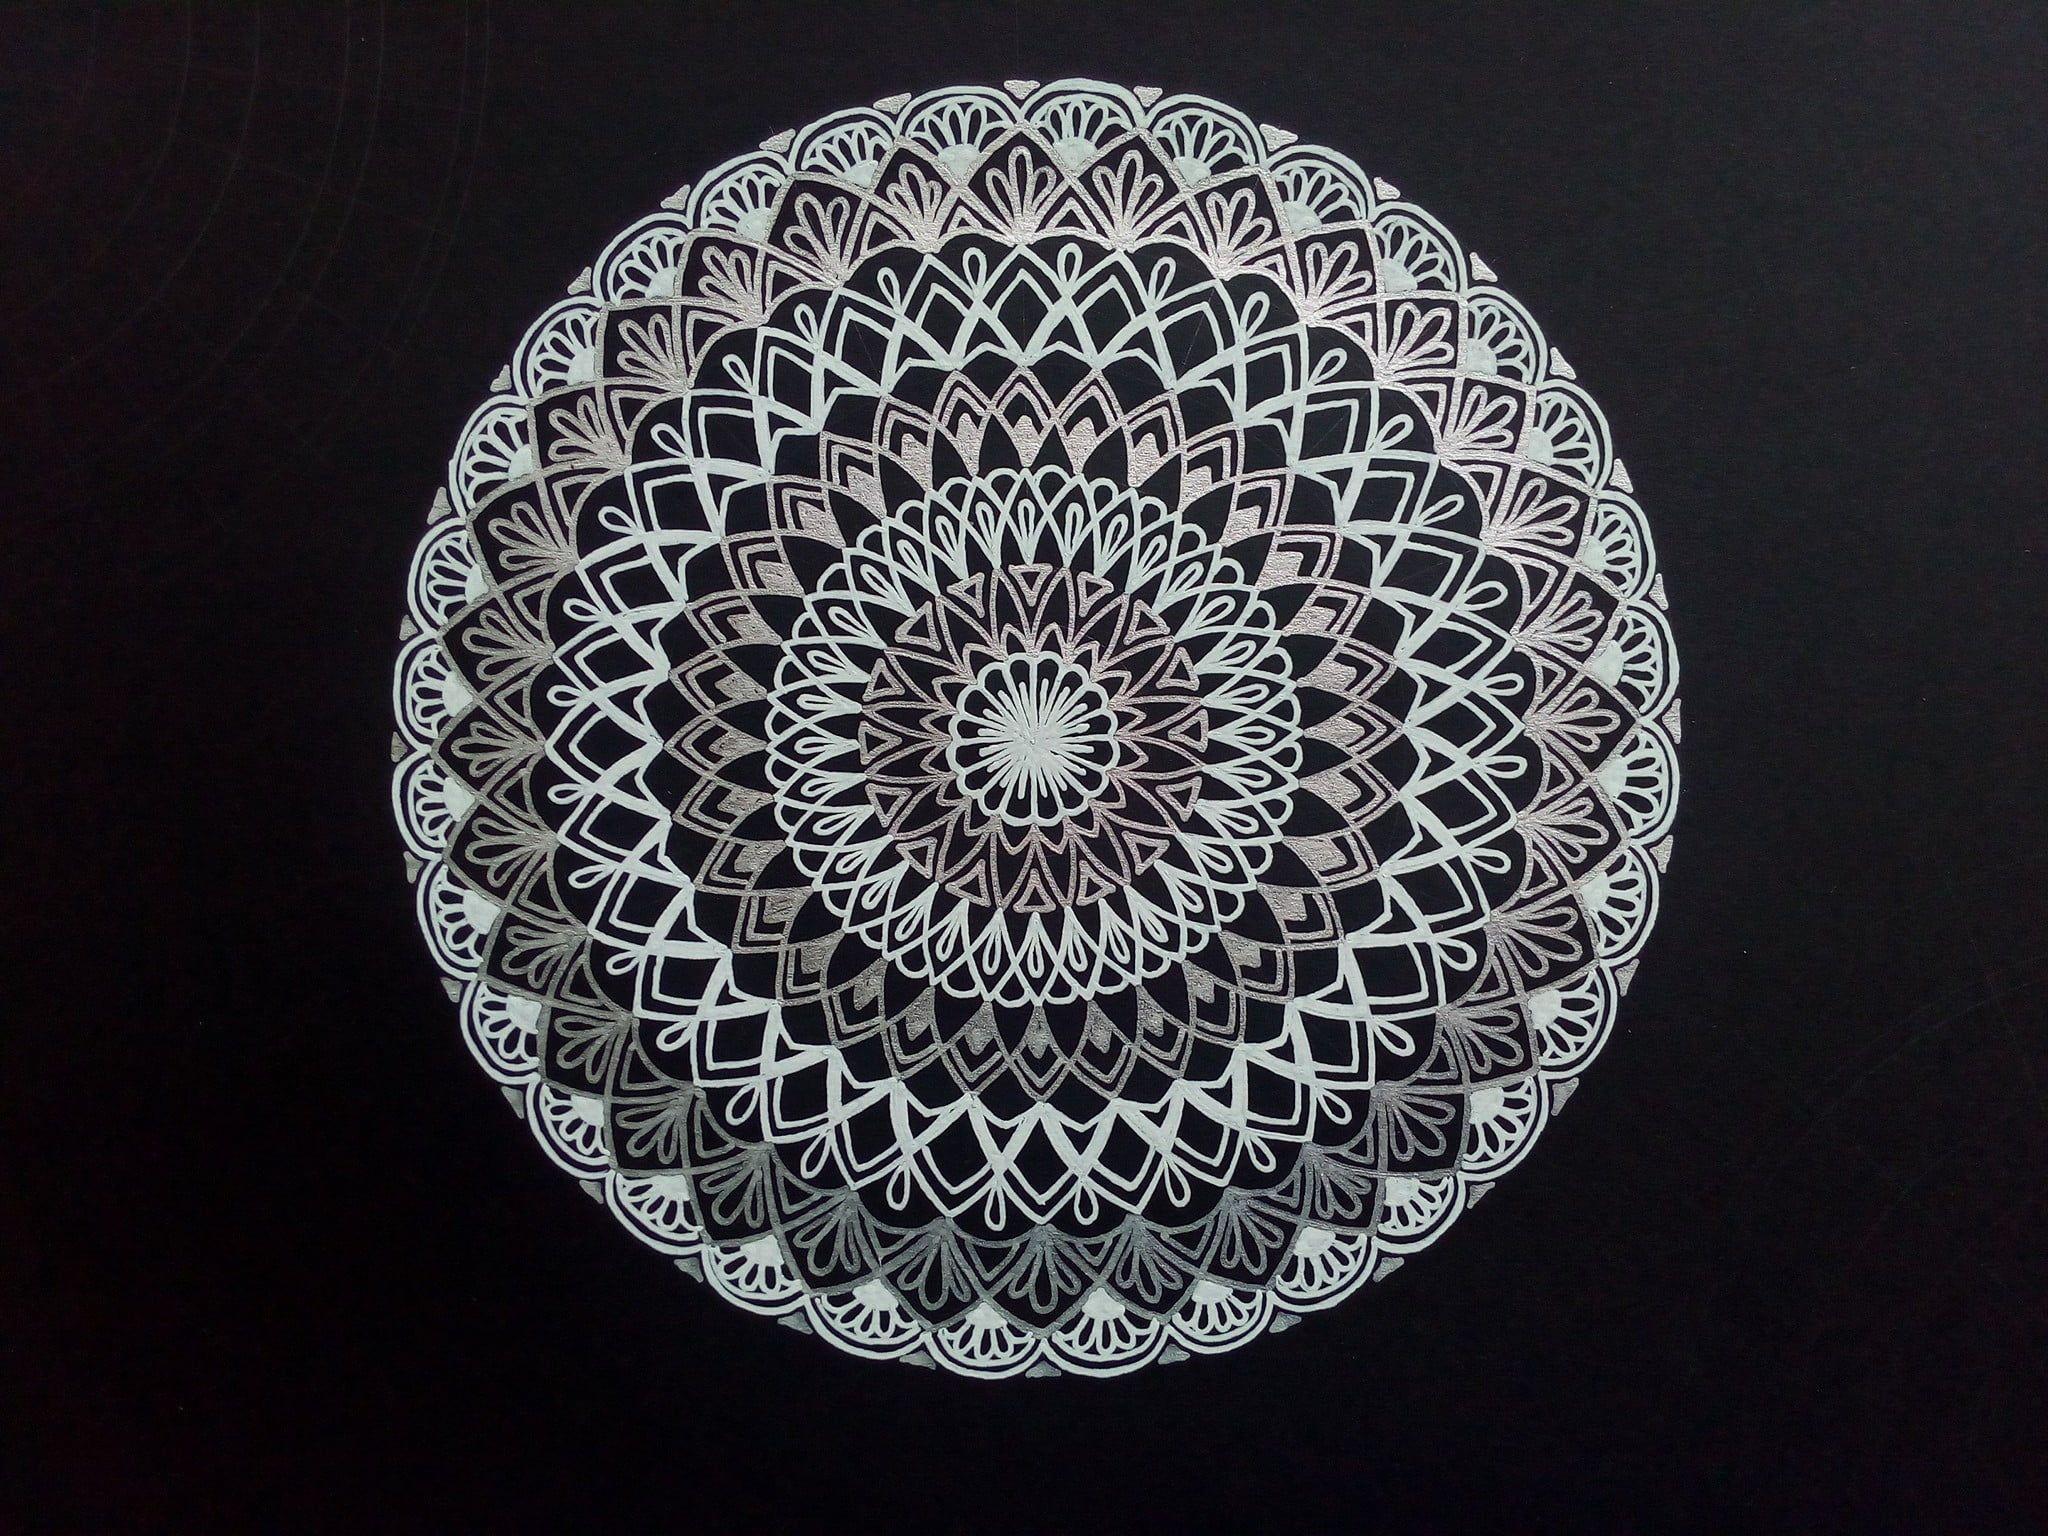 2048x1536 Minh họa hoa trắng và đen, mandala, tác phẩm nghệ thuật HD